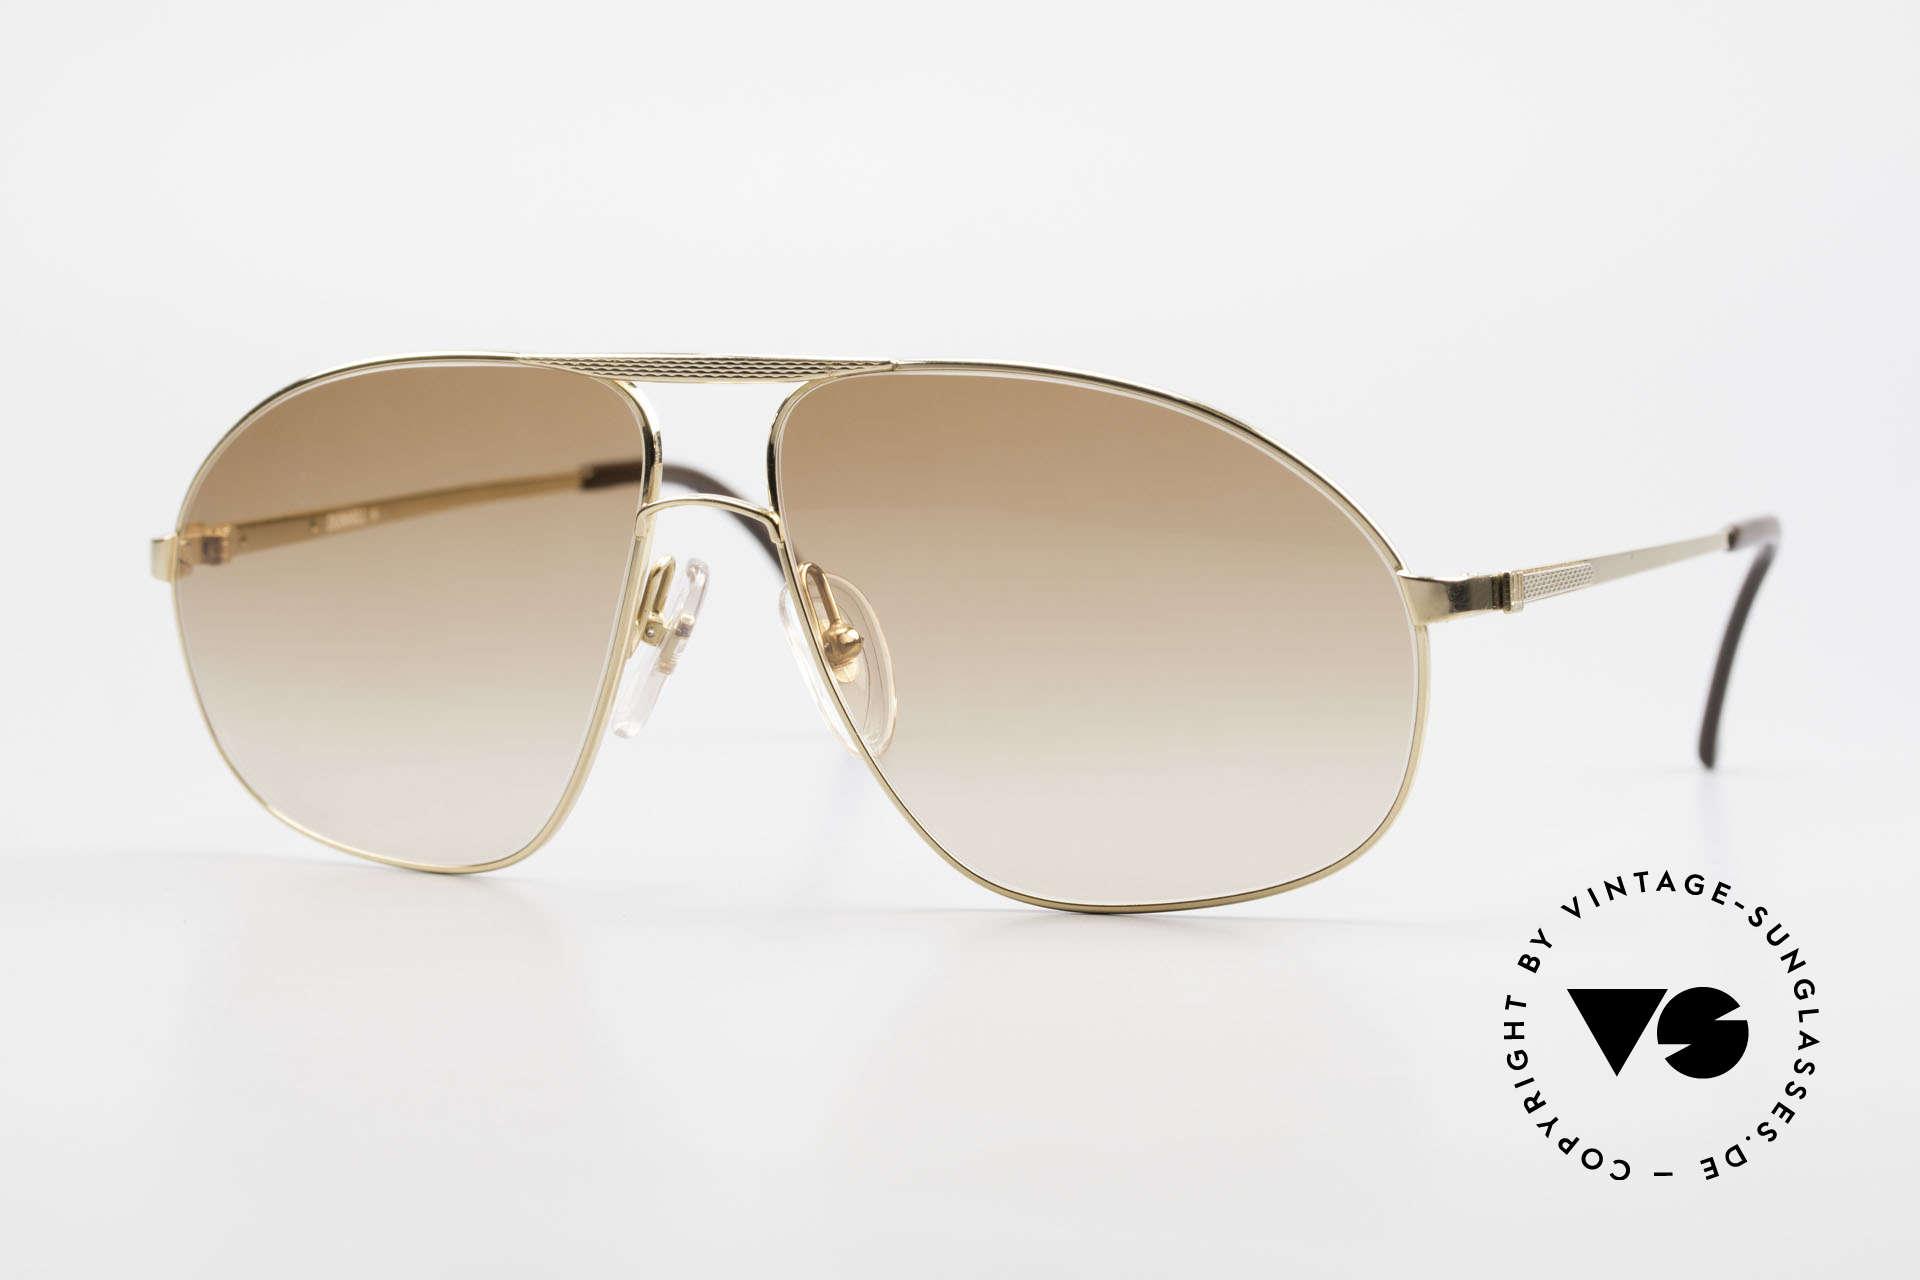 Dunhill 6125 Vergoldete Piloten Brille 90er, premium vintage A. Dunhill Sonnenbrille von 1990, Passend für Herren